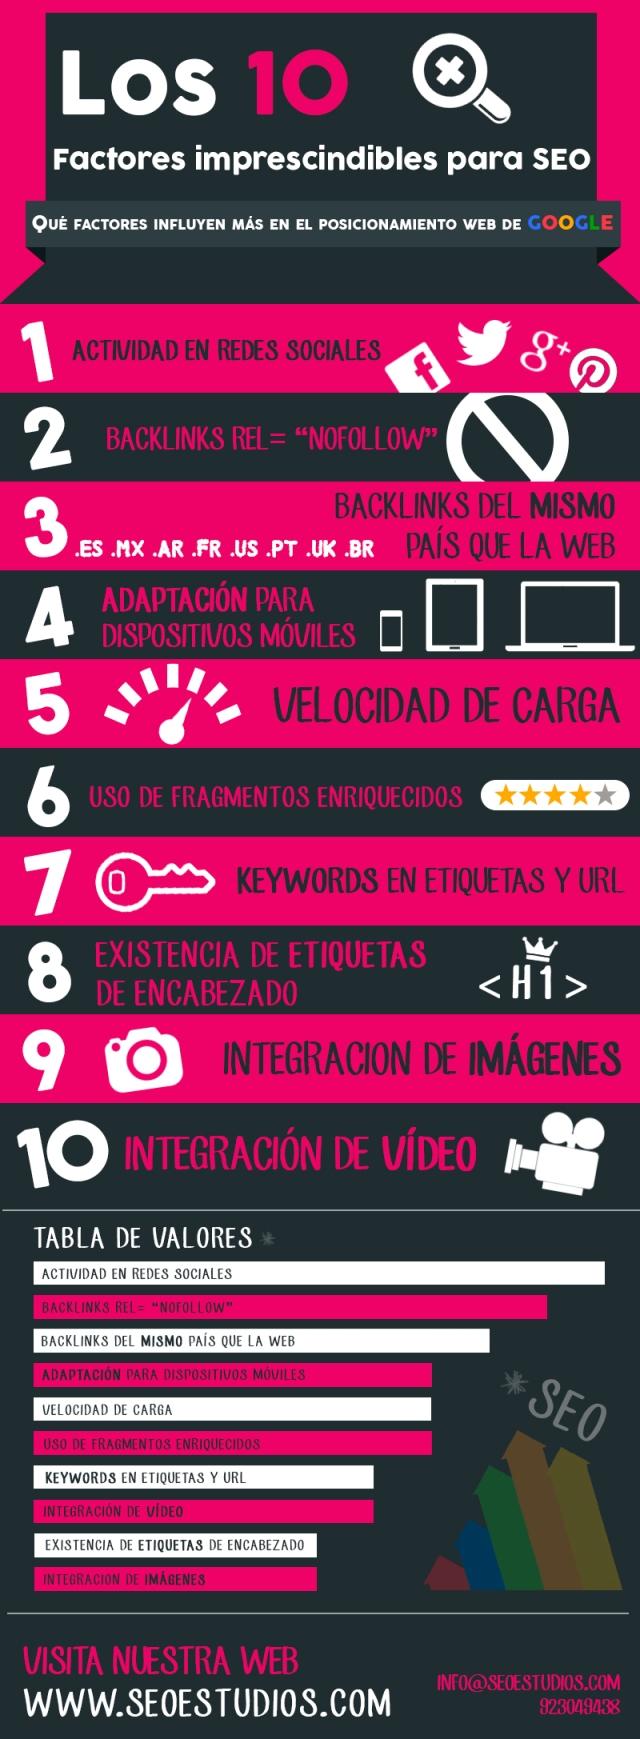 10 factores imprescindibles para SEO